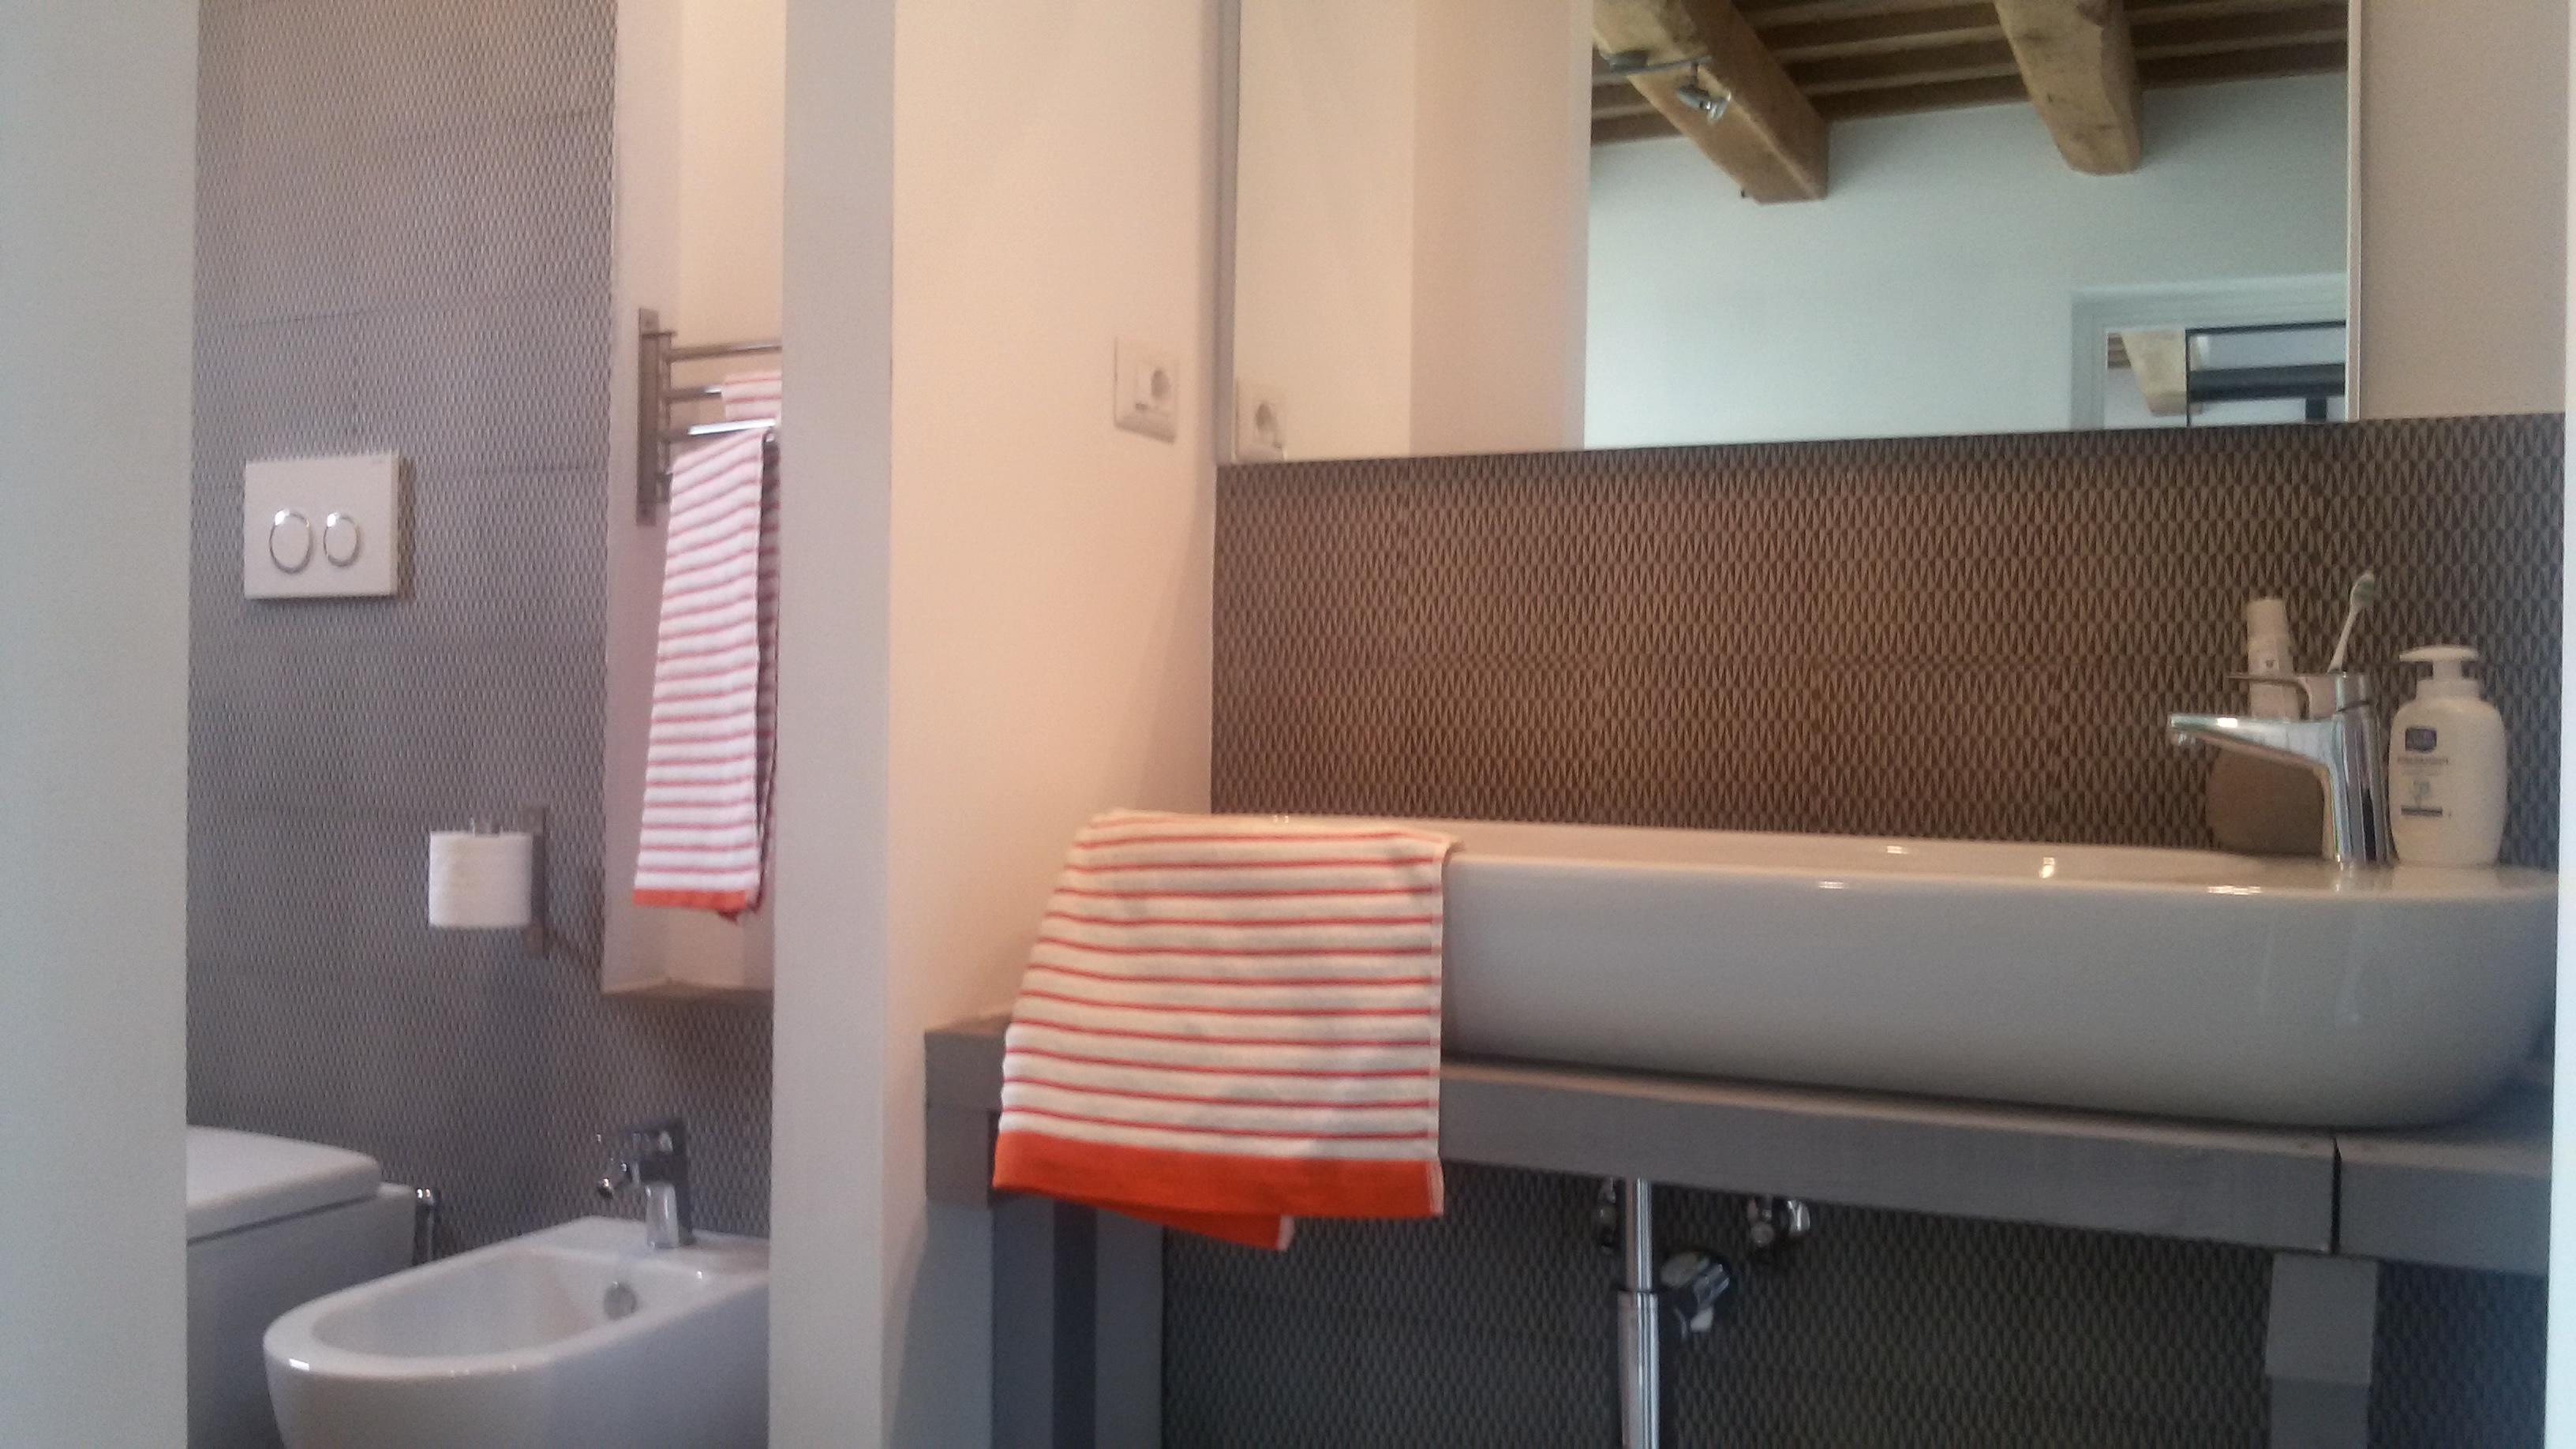 ensuite bathroom - bagno interno alla camera al piano terra